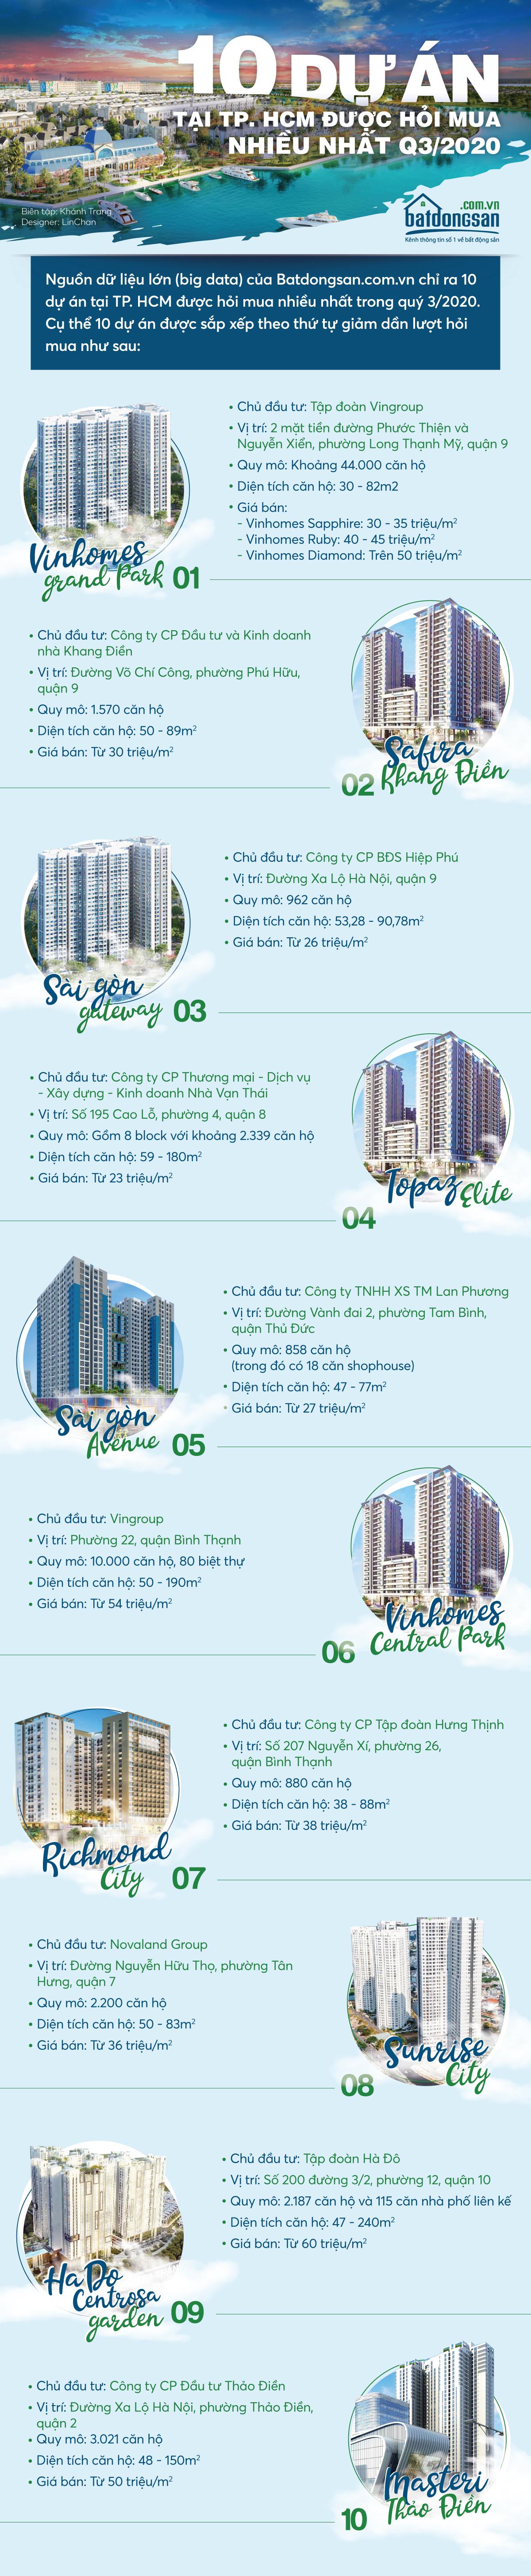 Infographic thể hiện 10 dự án tại TP.HCM được hỏi mua nhiều nhất quý 3/2020